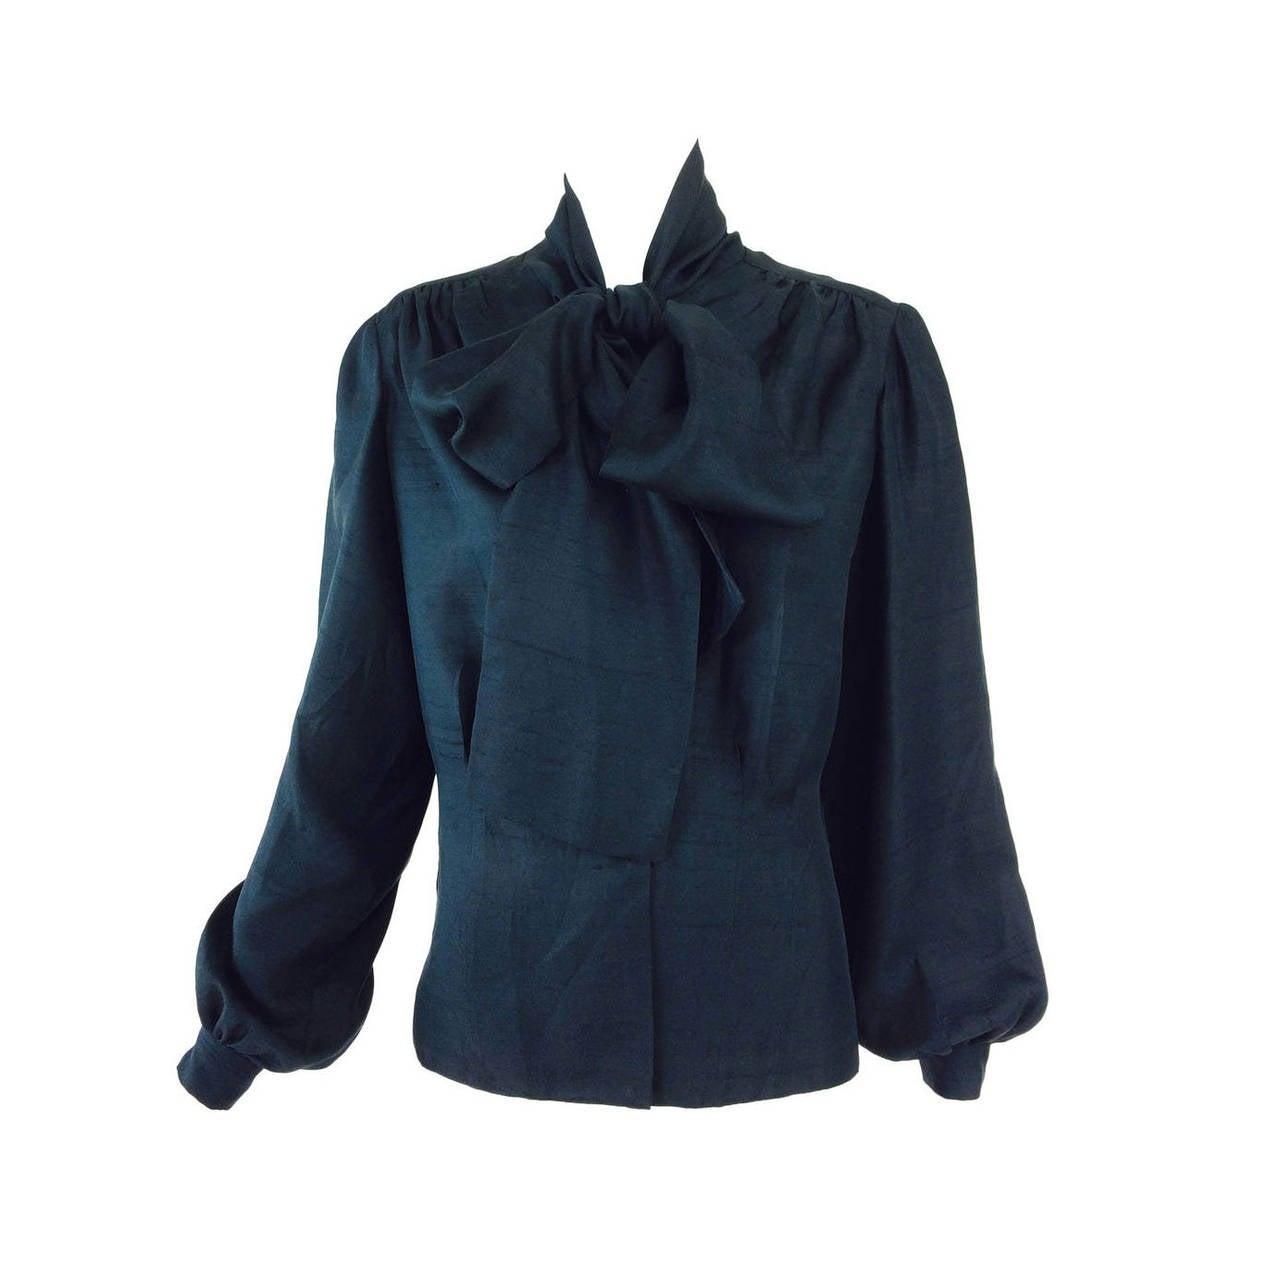 Pierre Balmain Haute Couture black Pongee silk bow tie blouse 1950s